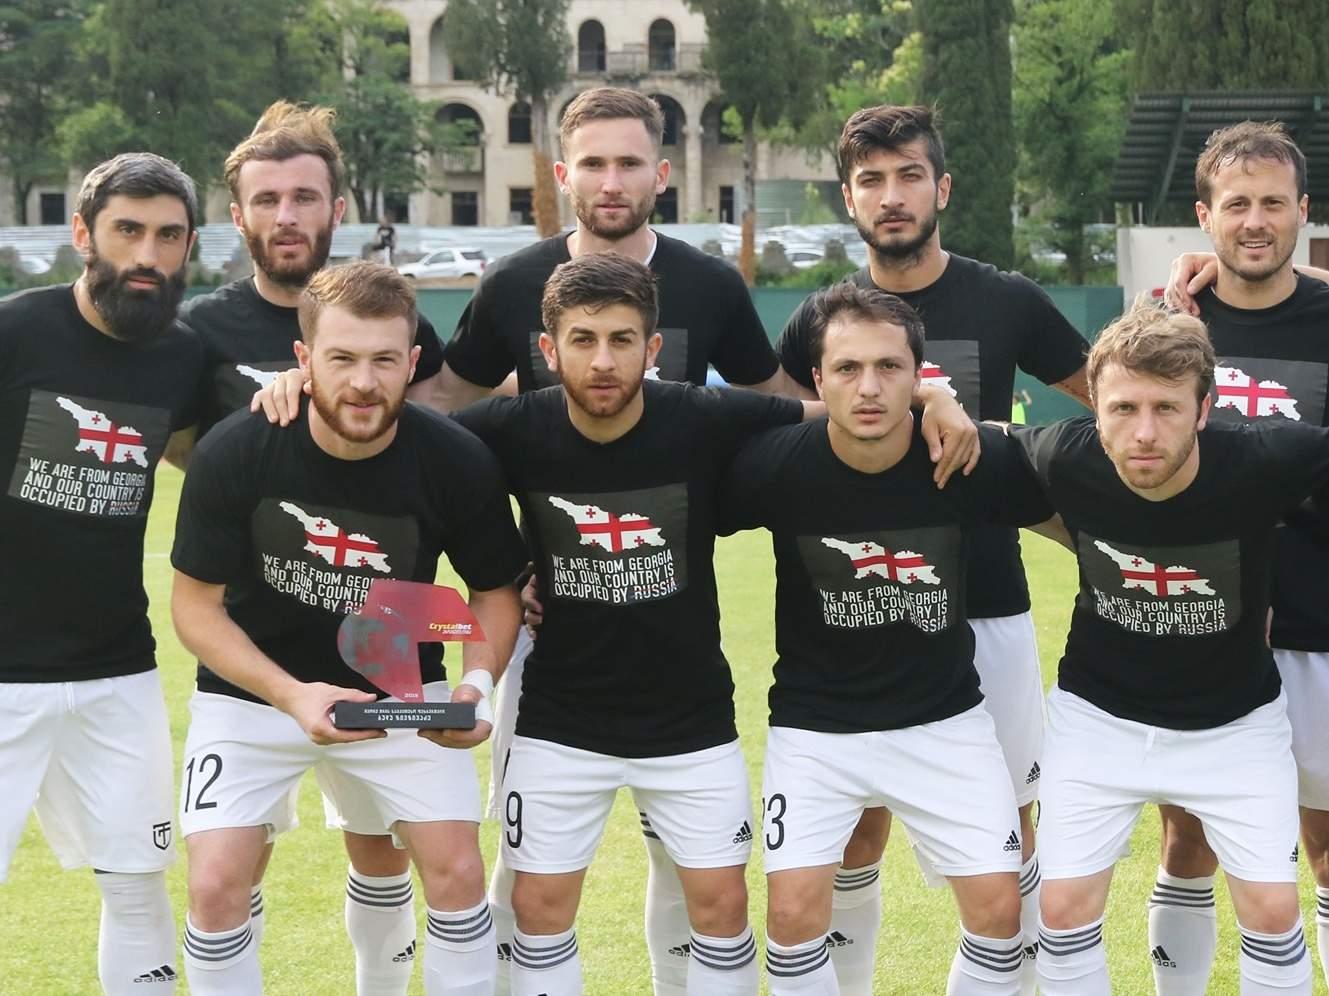 Федерация футбола Грузии поддержала антироссийскую акцию